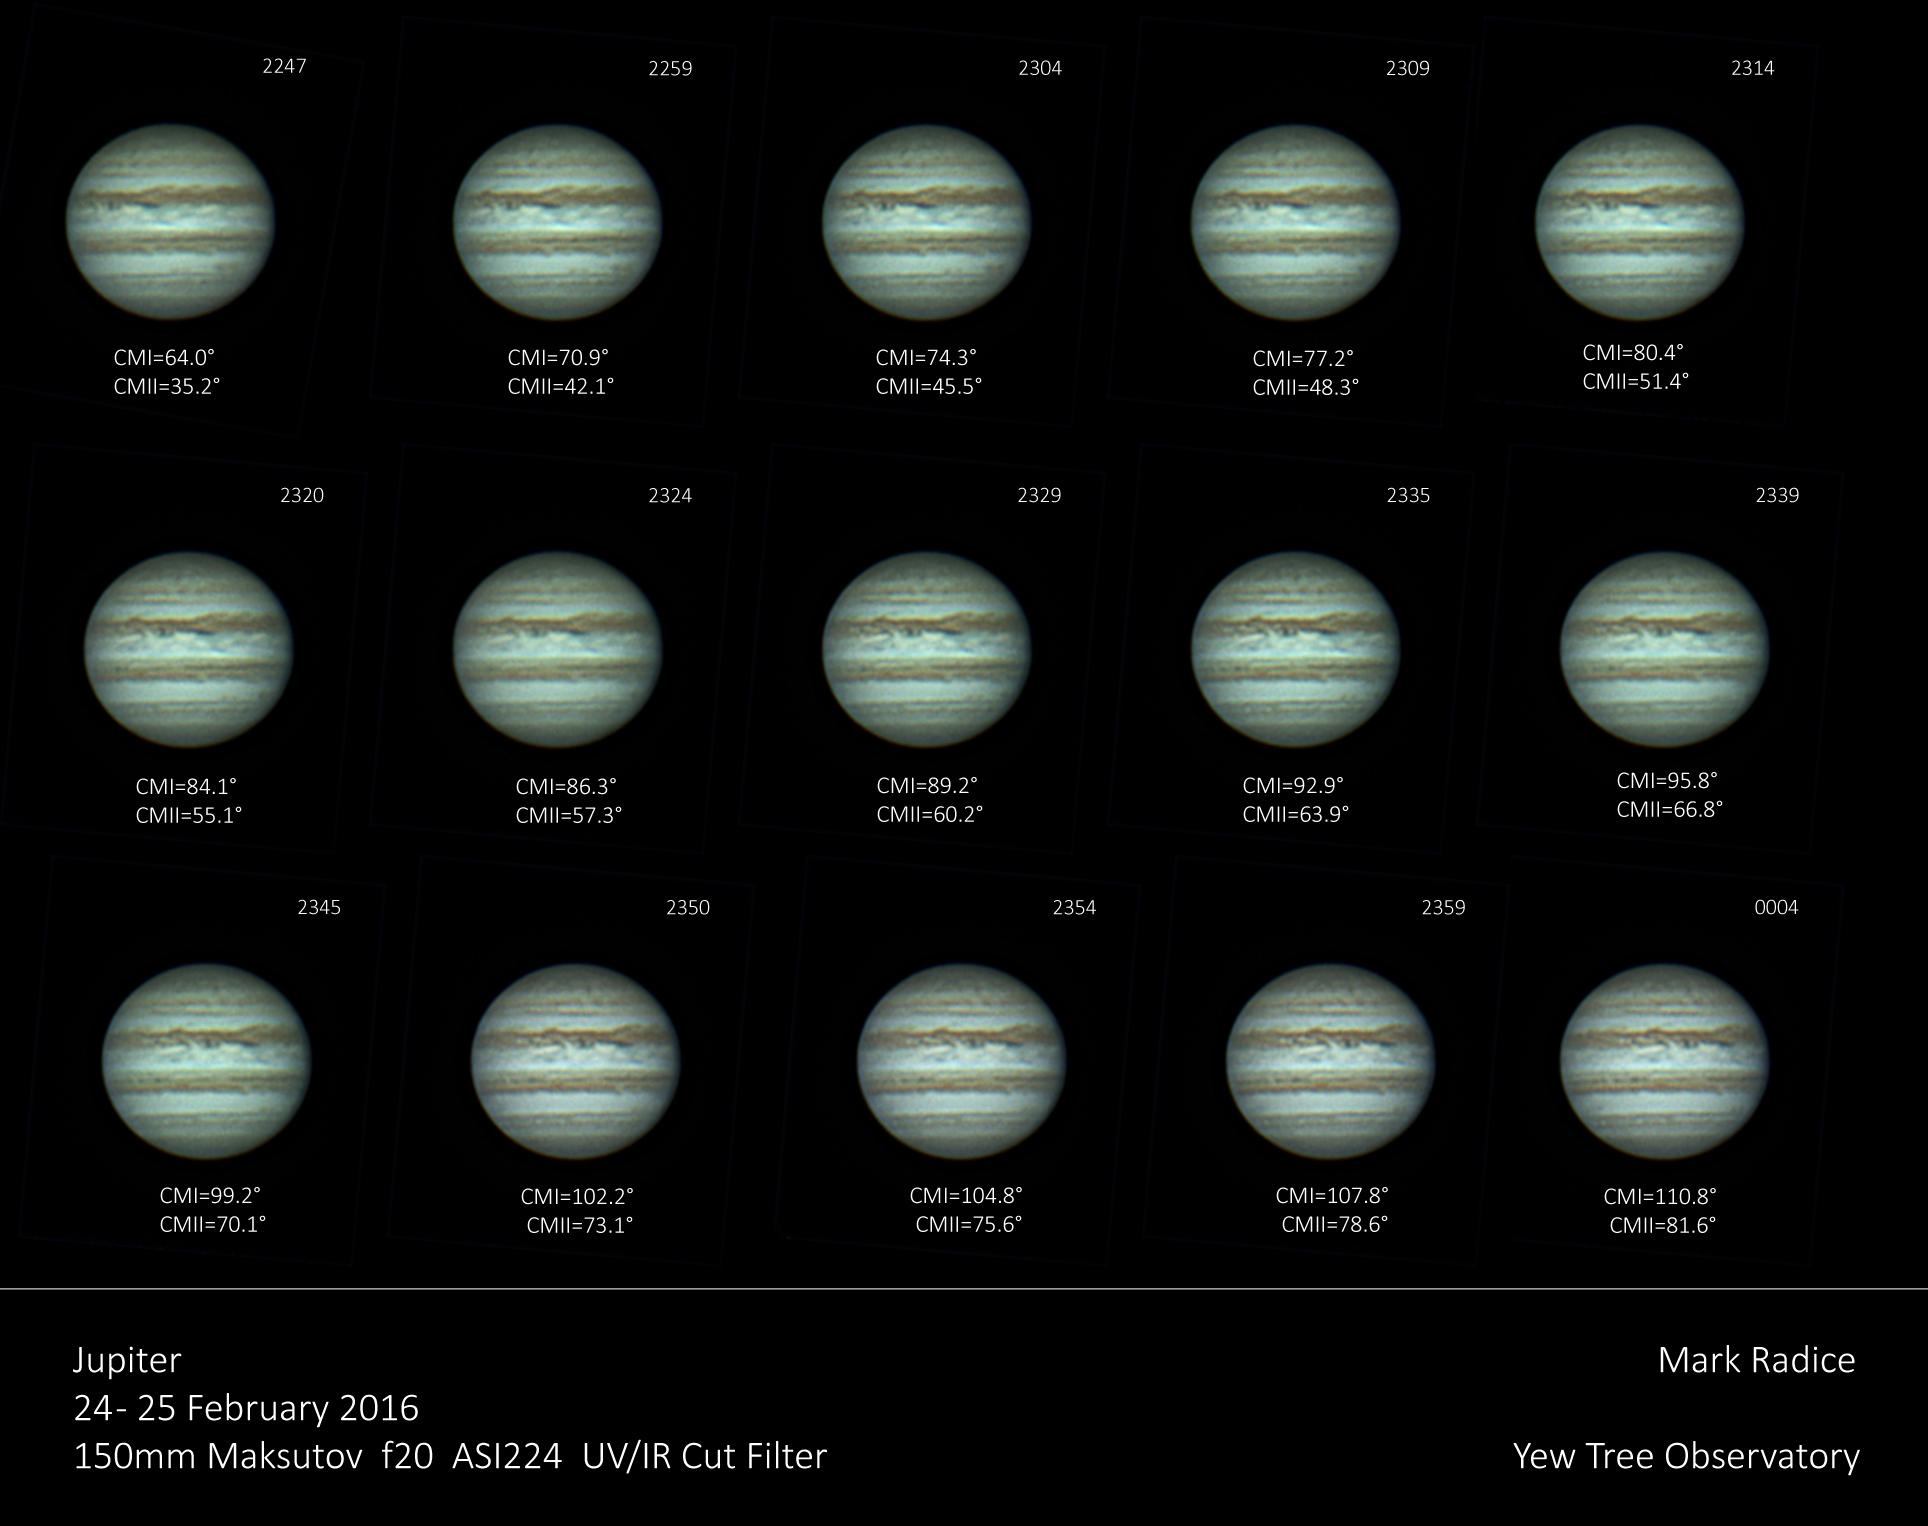 Jupiter 20160224_25_Radice